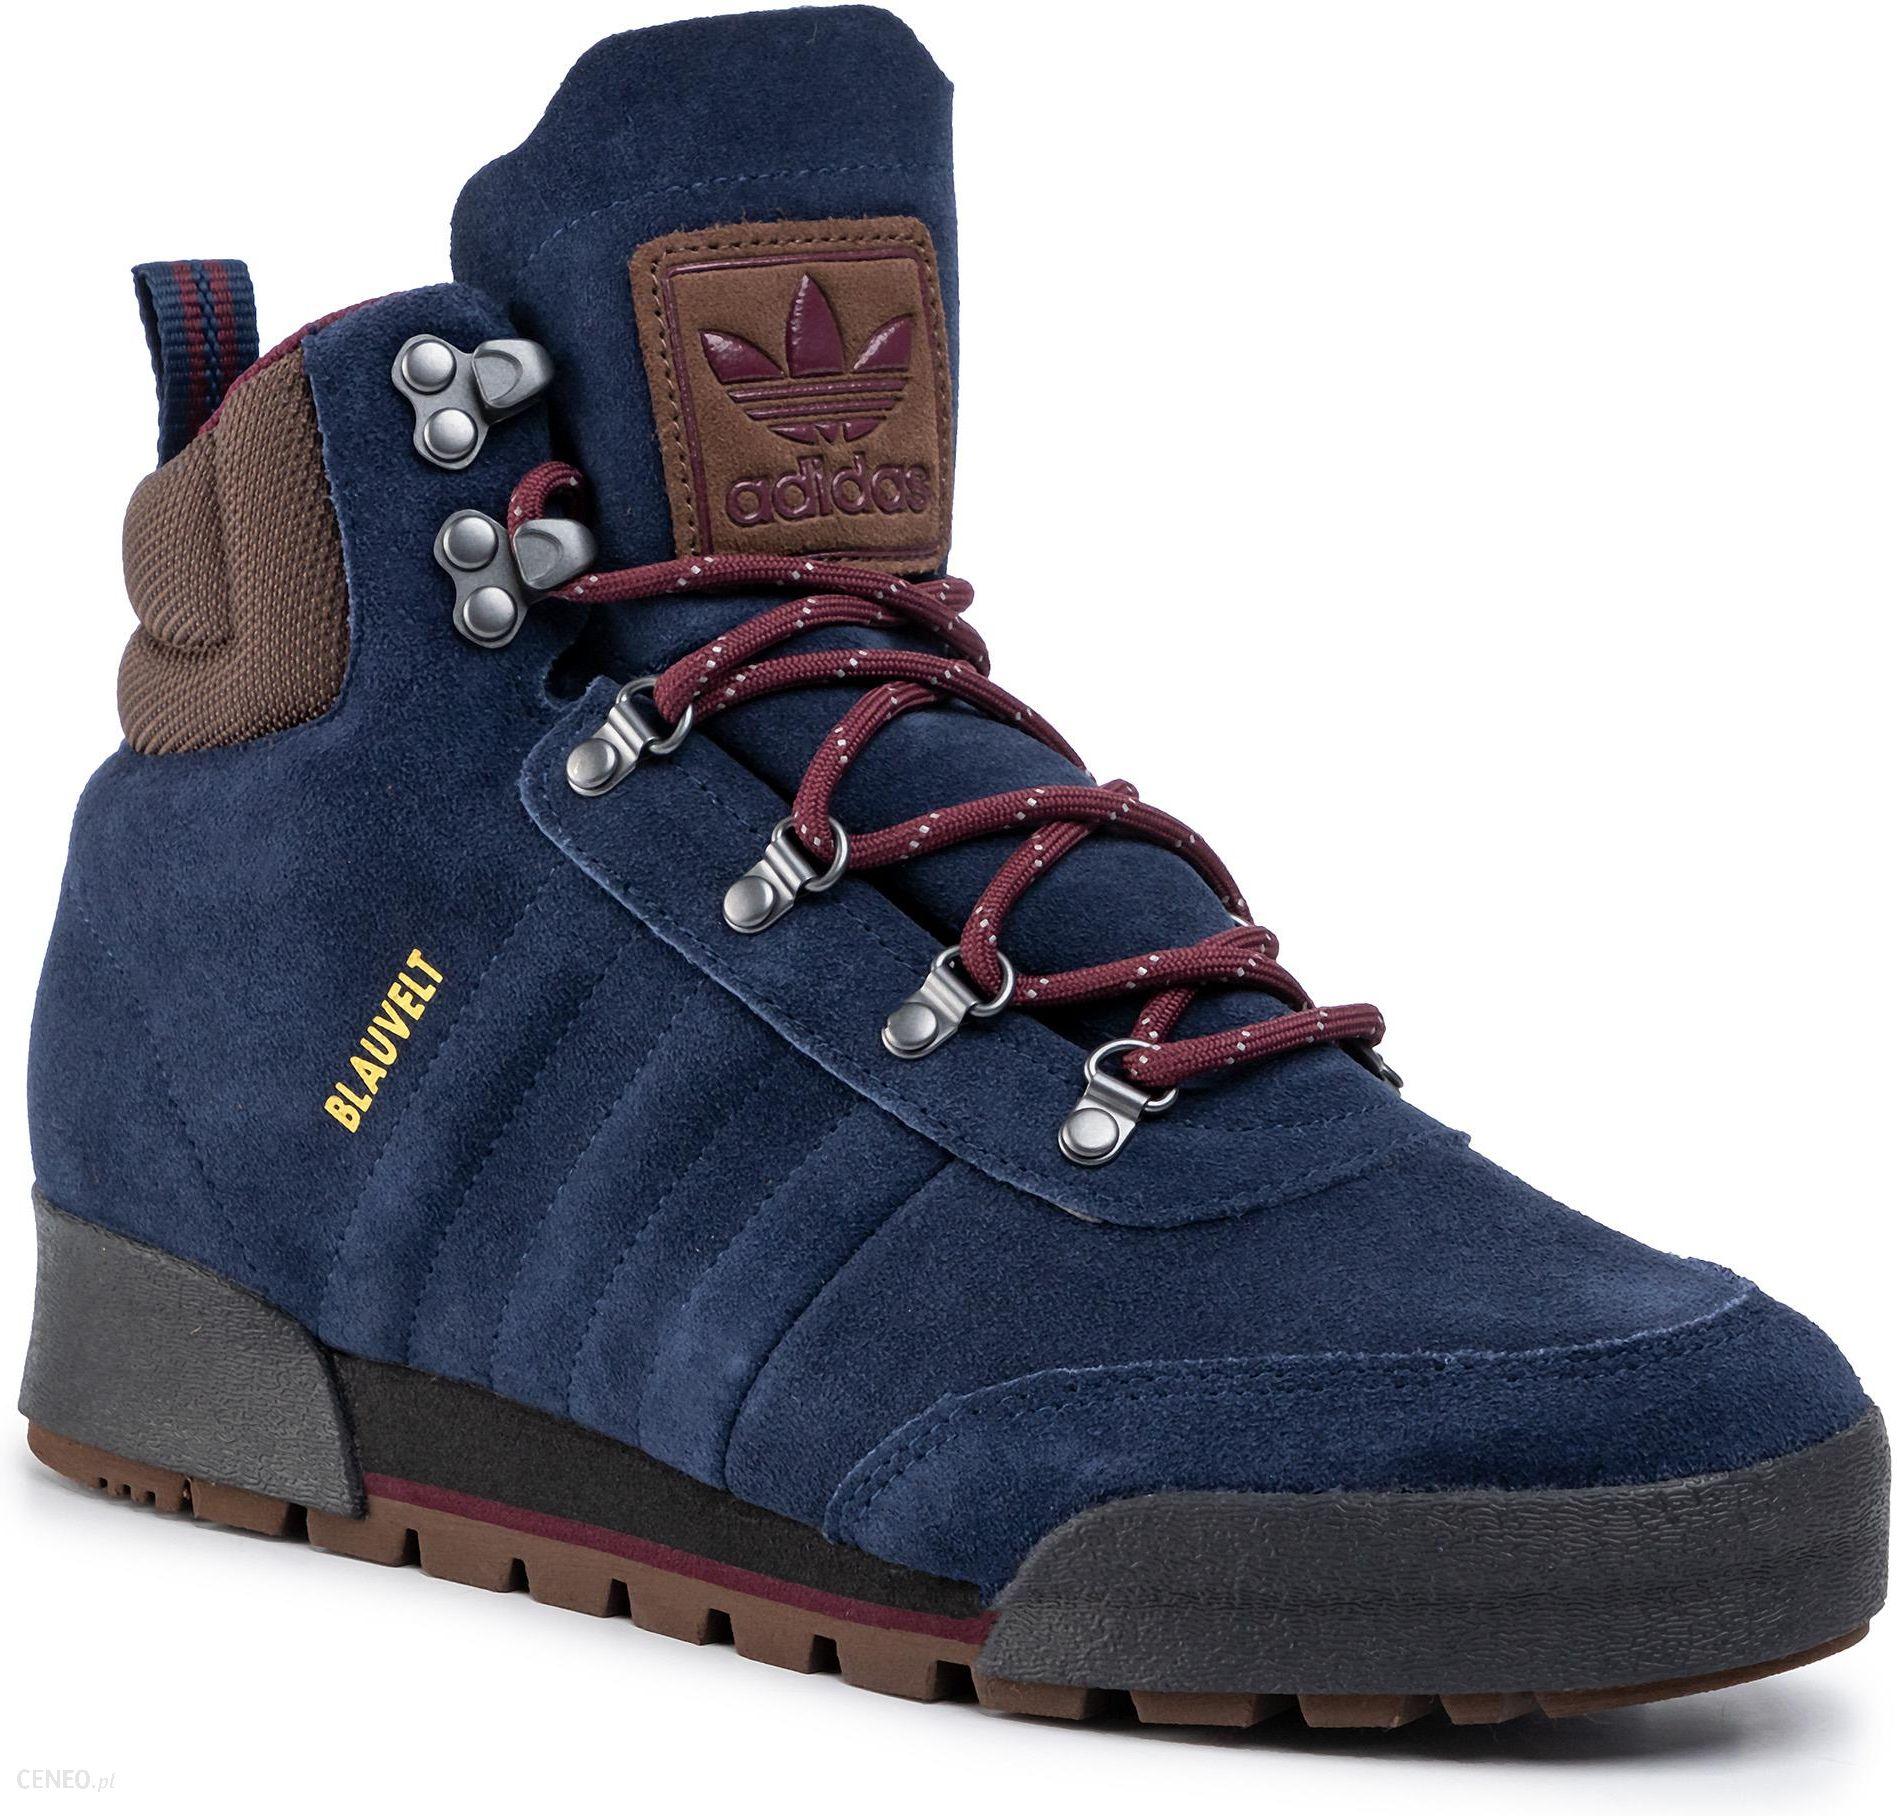 Buty męskie adidas Jake Boot 2,0 EE6207 Ceny i opinie Ceneo.pl